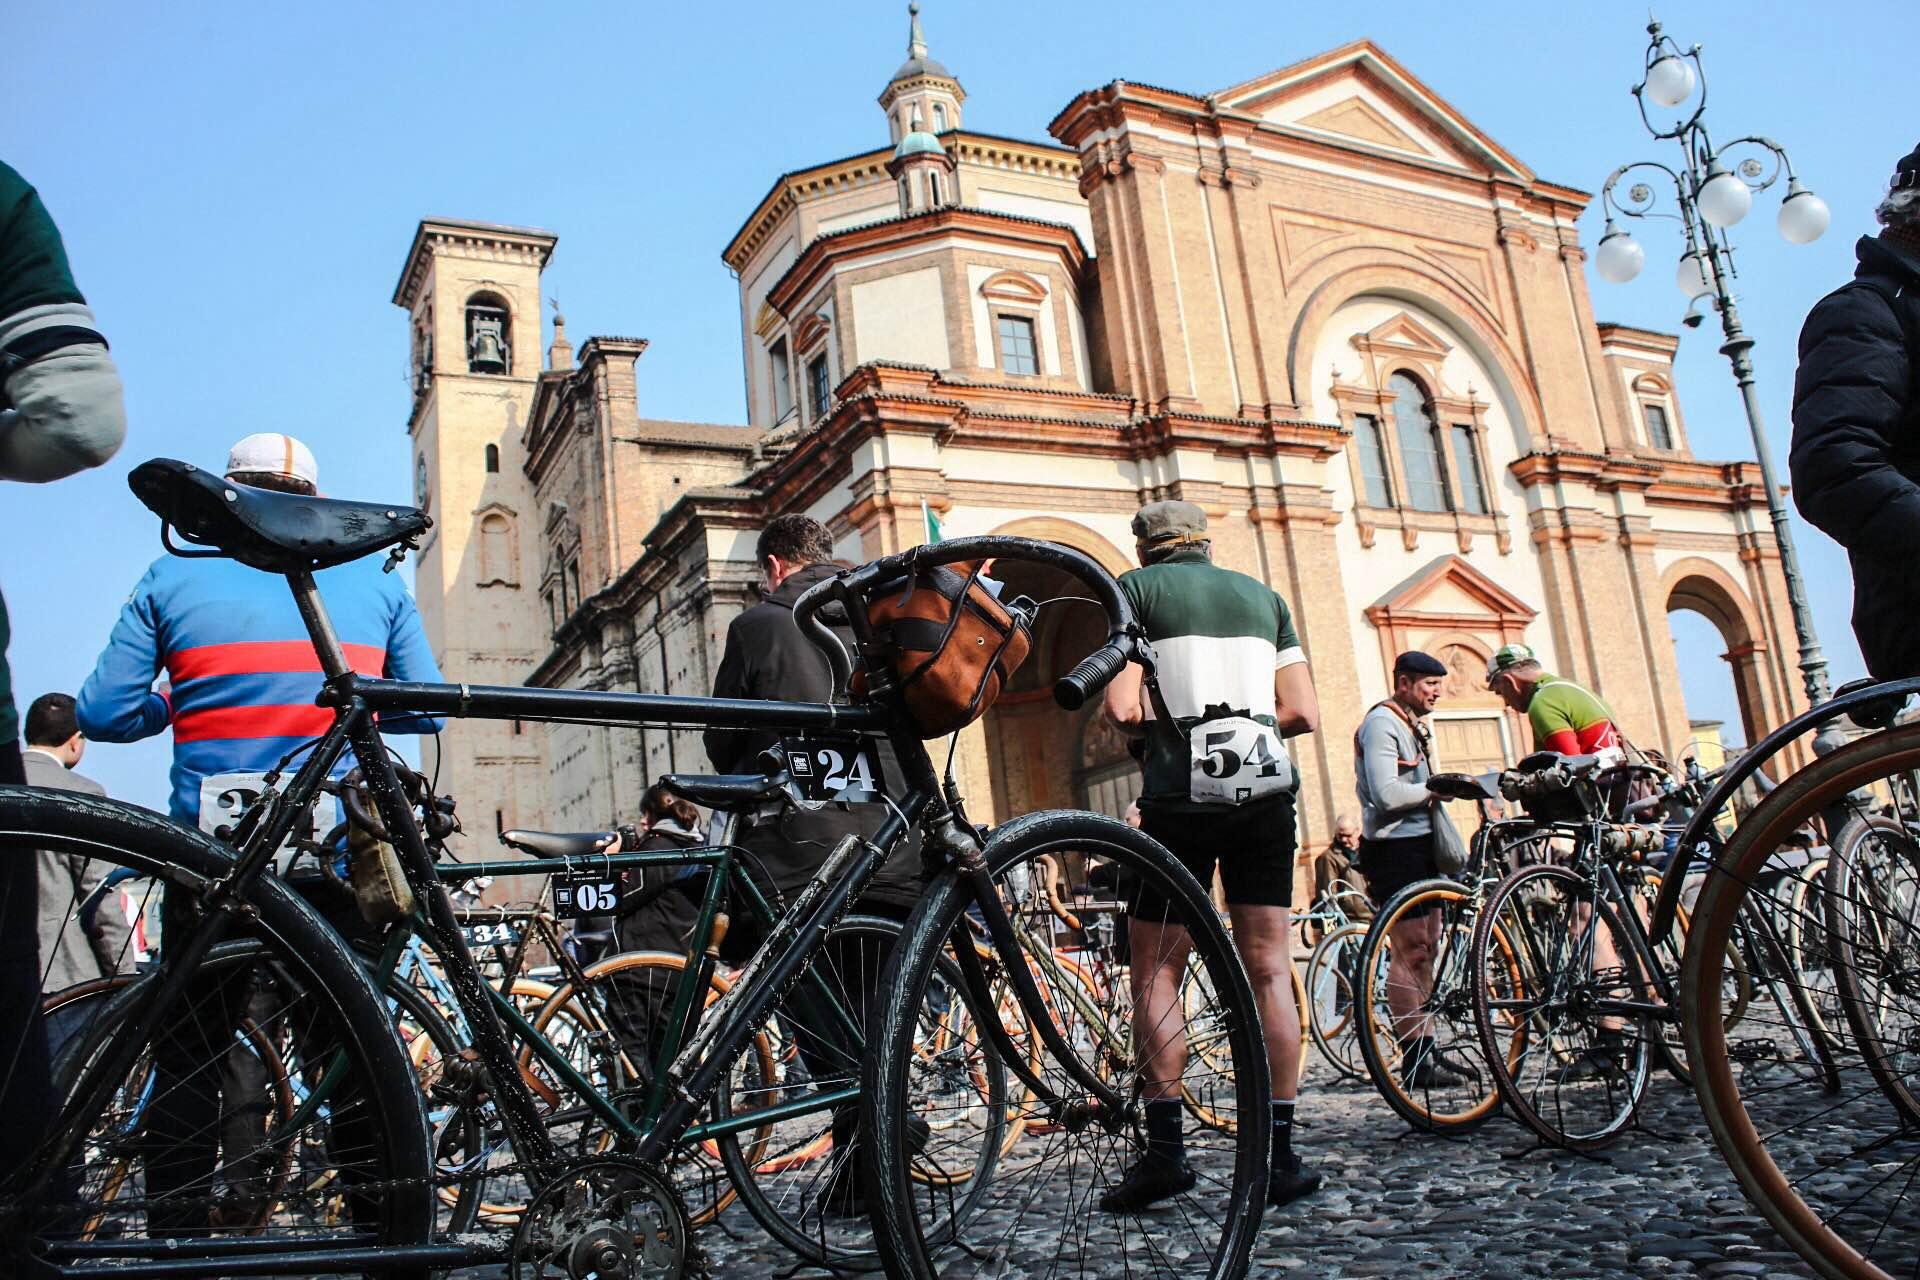 Milano-Sanremo storica con bici anni 20